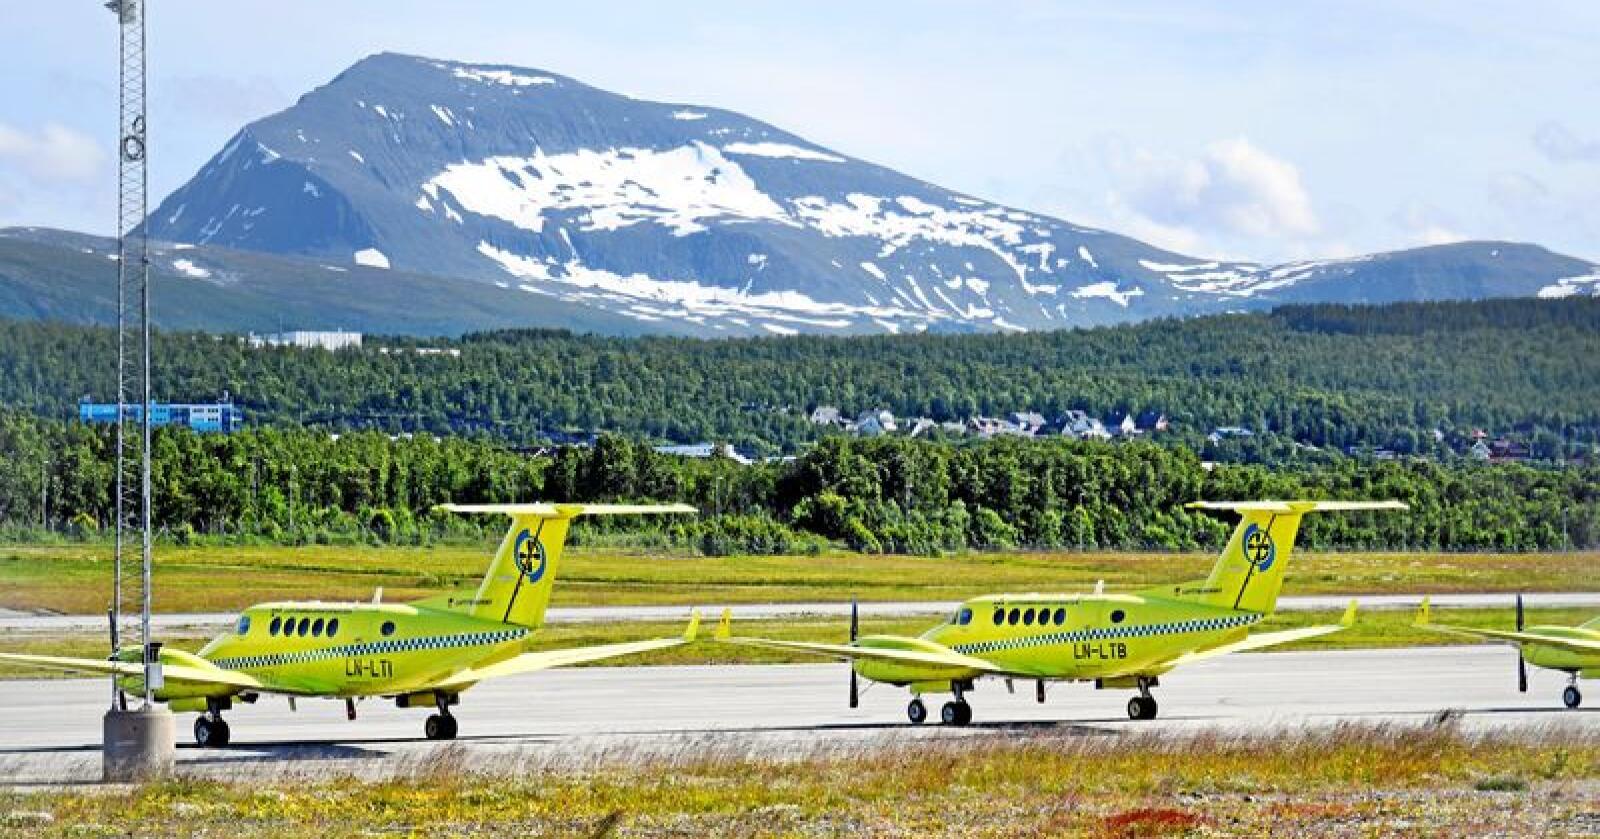 Det er store utfordringer knytta til luftambulanse i nord. Forsvarets Bell-helikoptere har bistått. Foto: Rune Stoltz Bertinussen / NTB scanpix